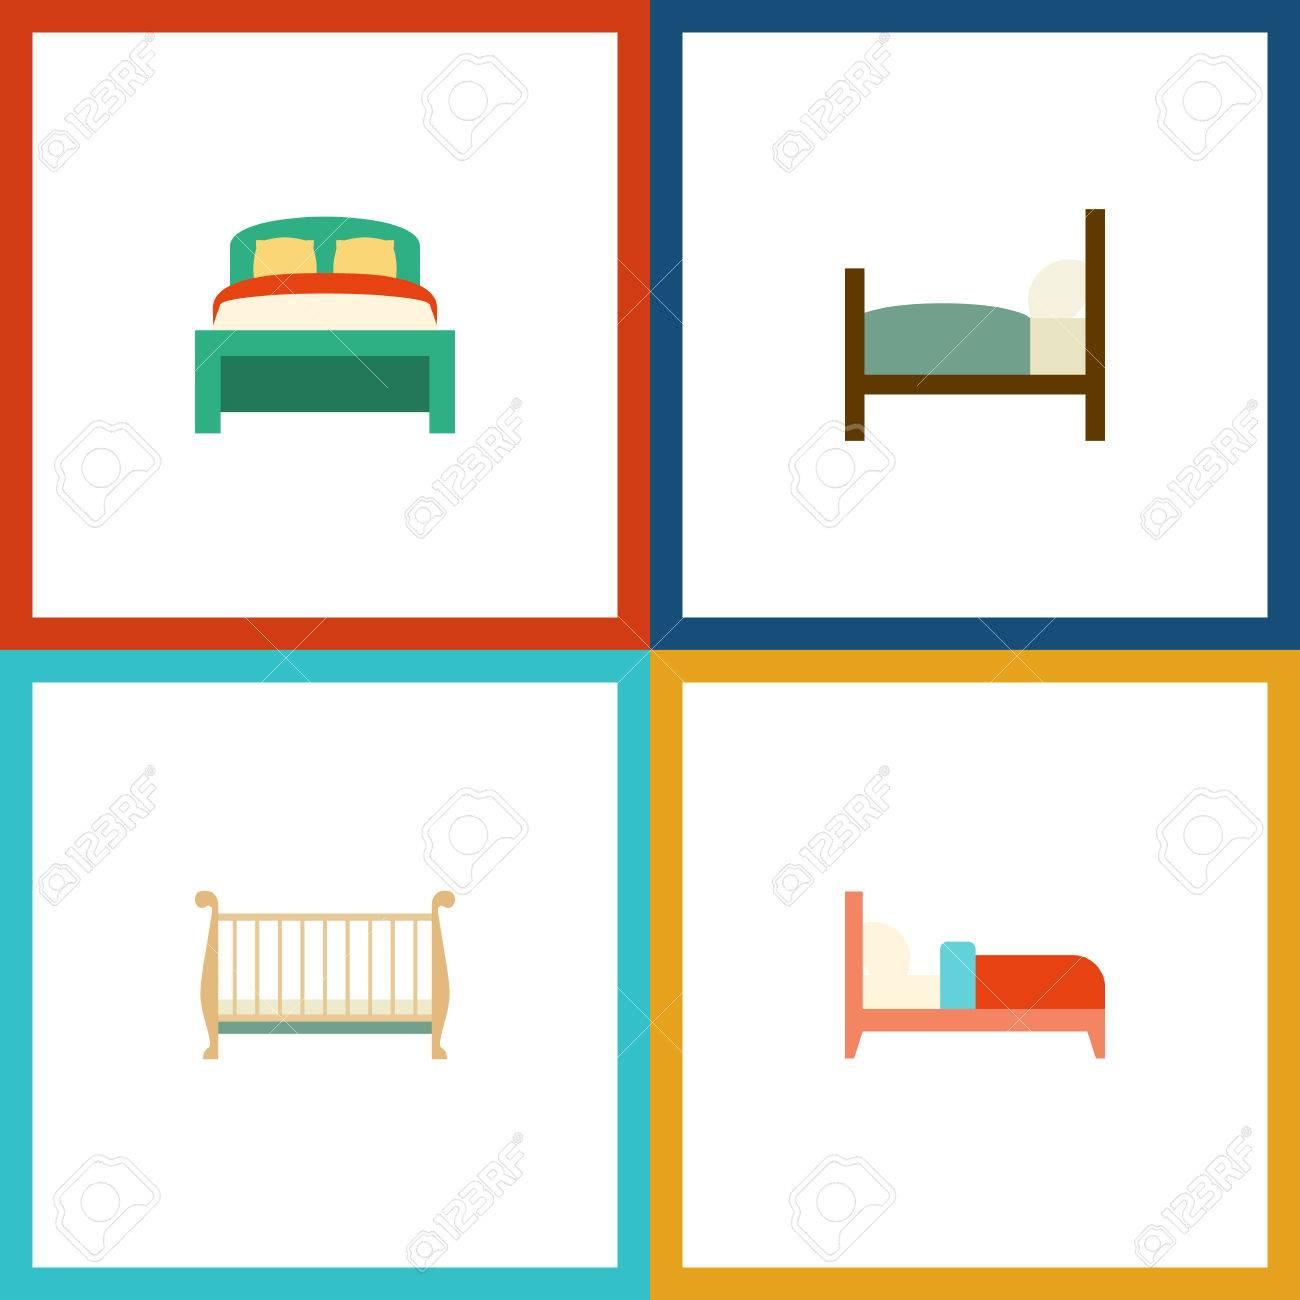 Conjunto De Dormitorio Plano De Muebles, Cuna, Cama Y Otros Objetos ...